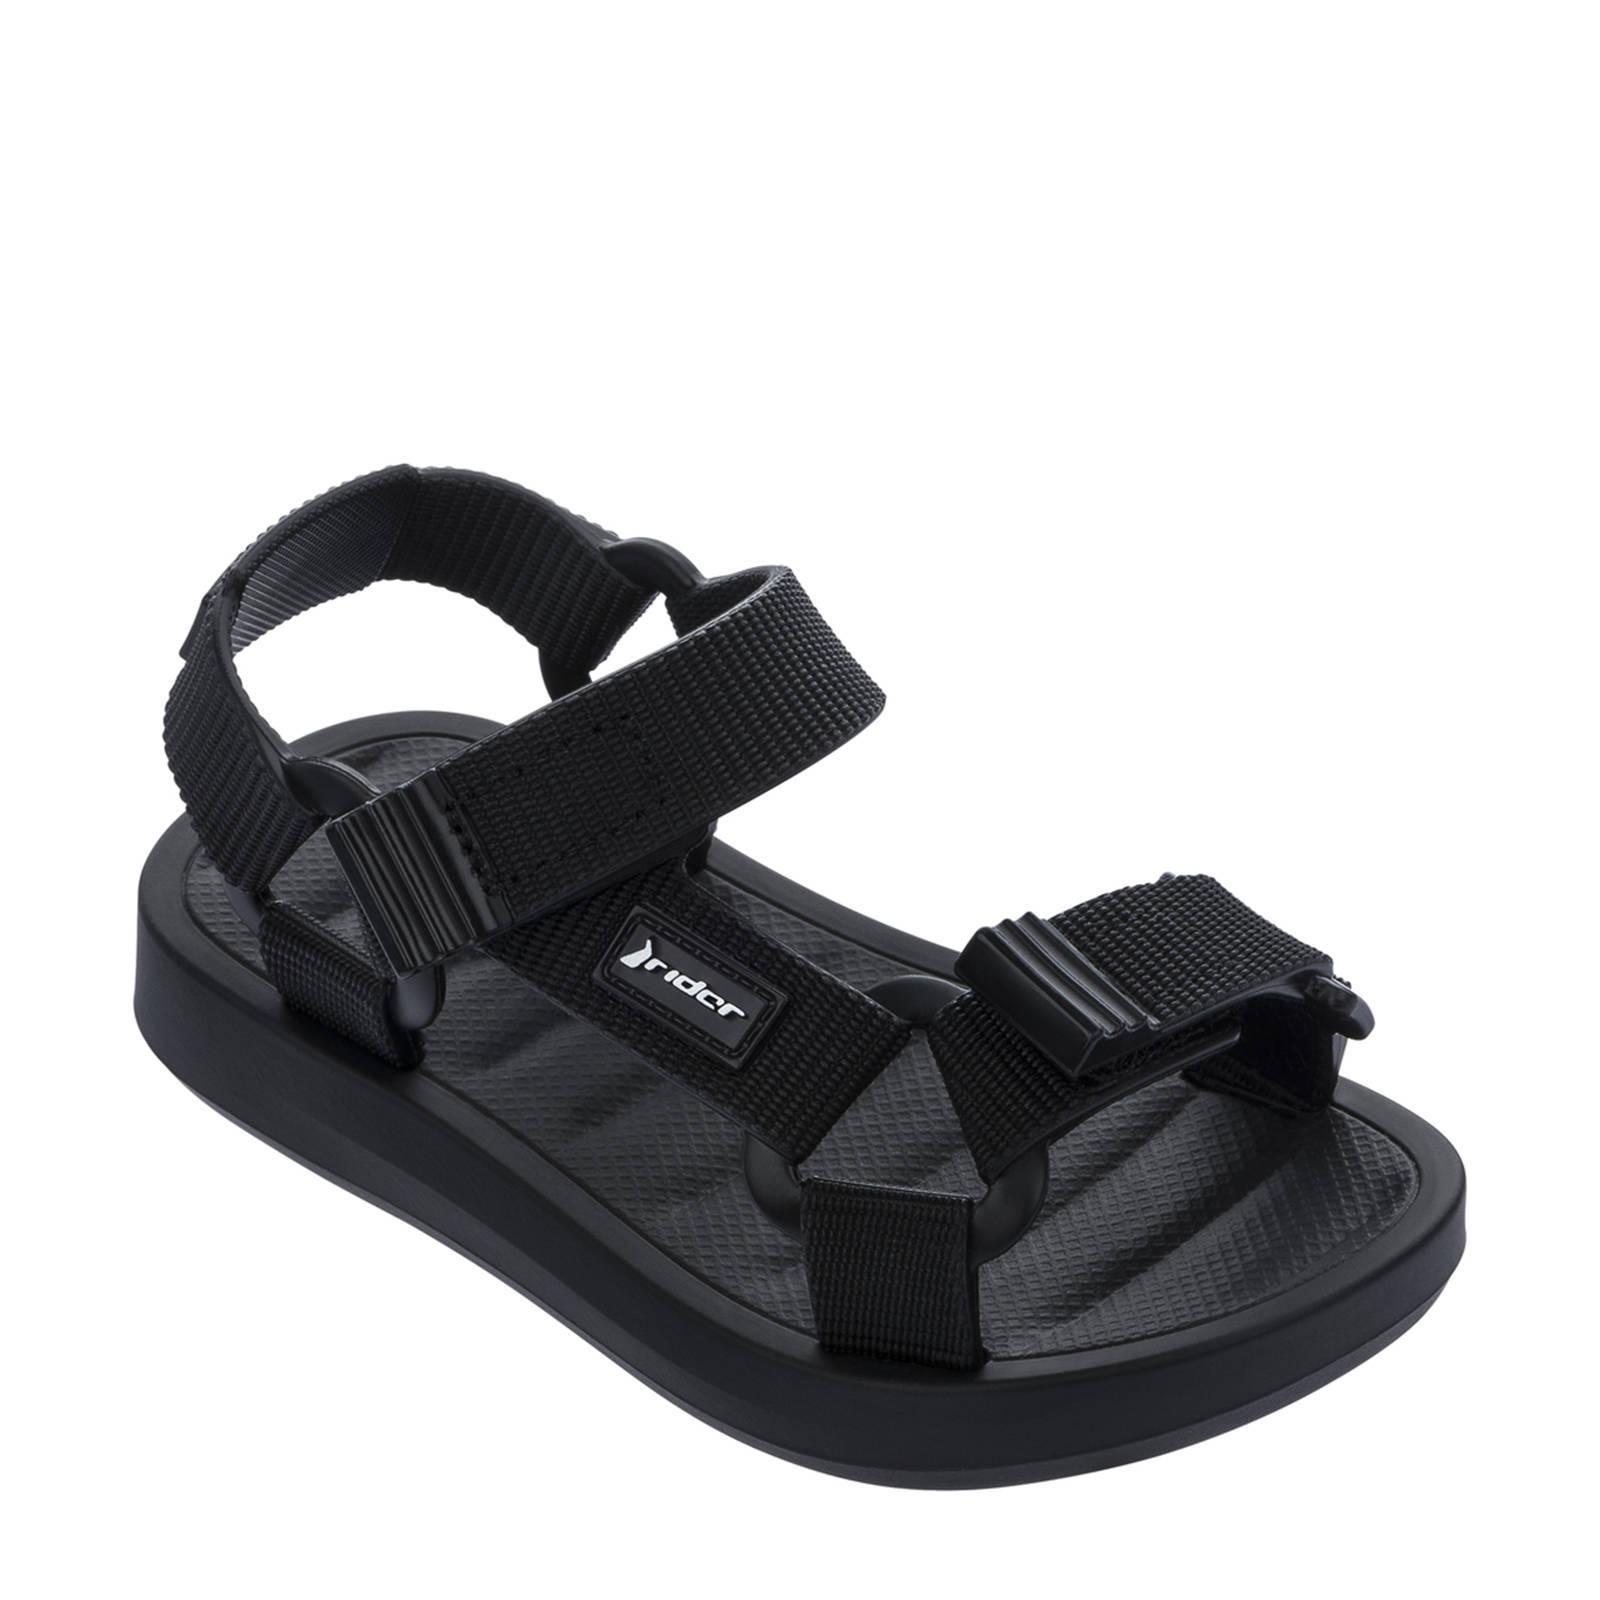 Rider Free Patete Free Patete Kids sandaaltjes zwart kids online kopen